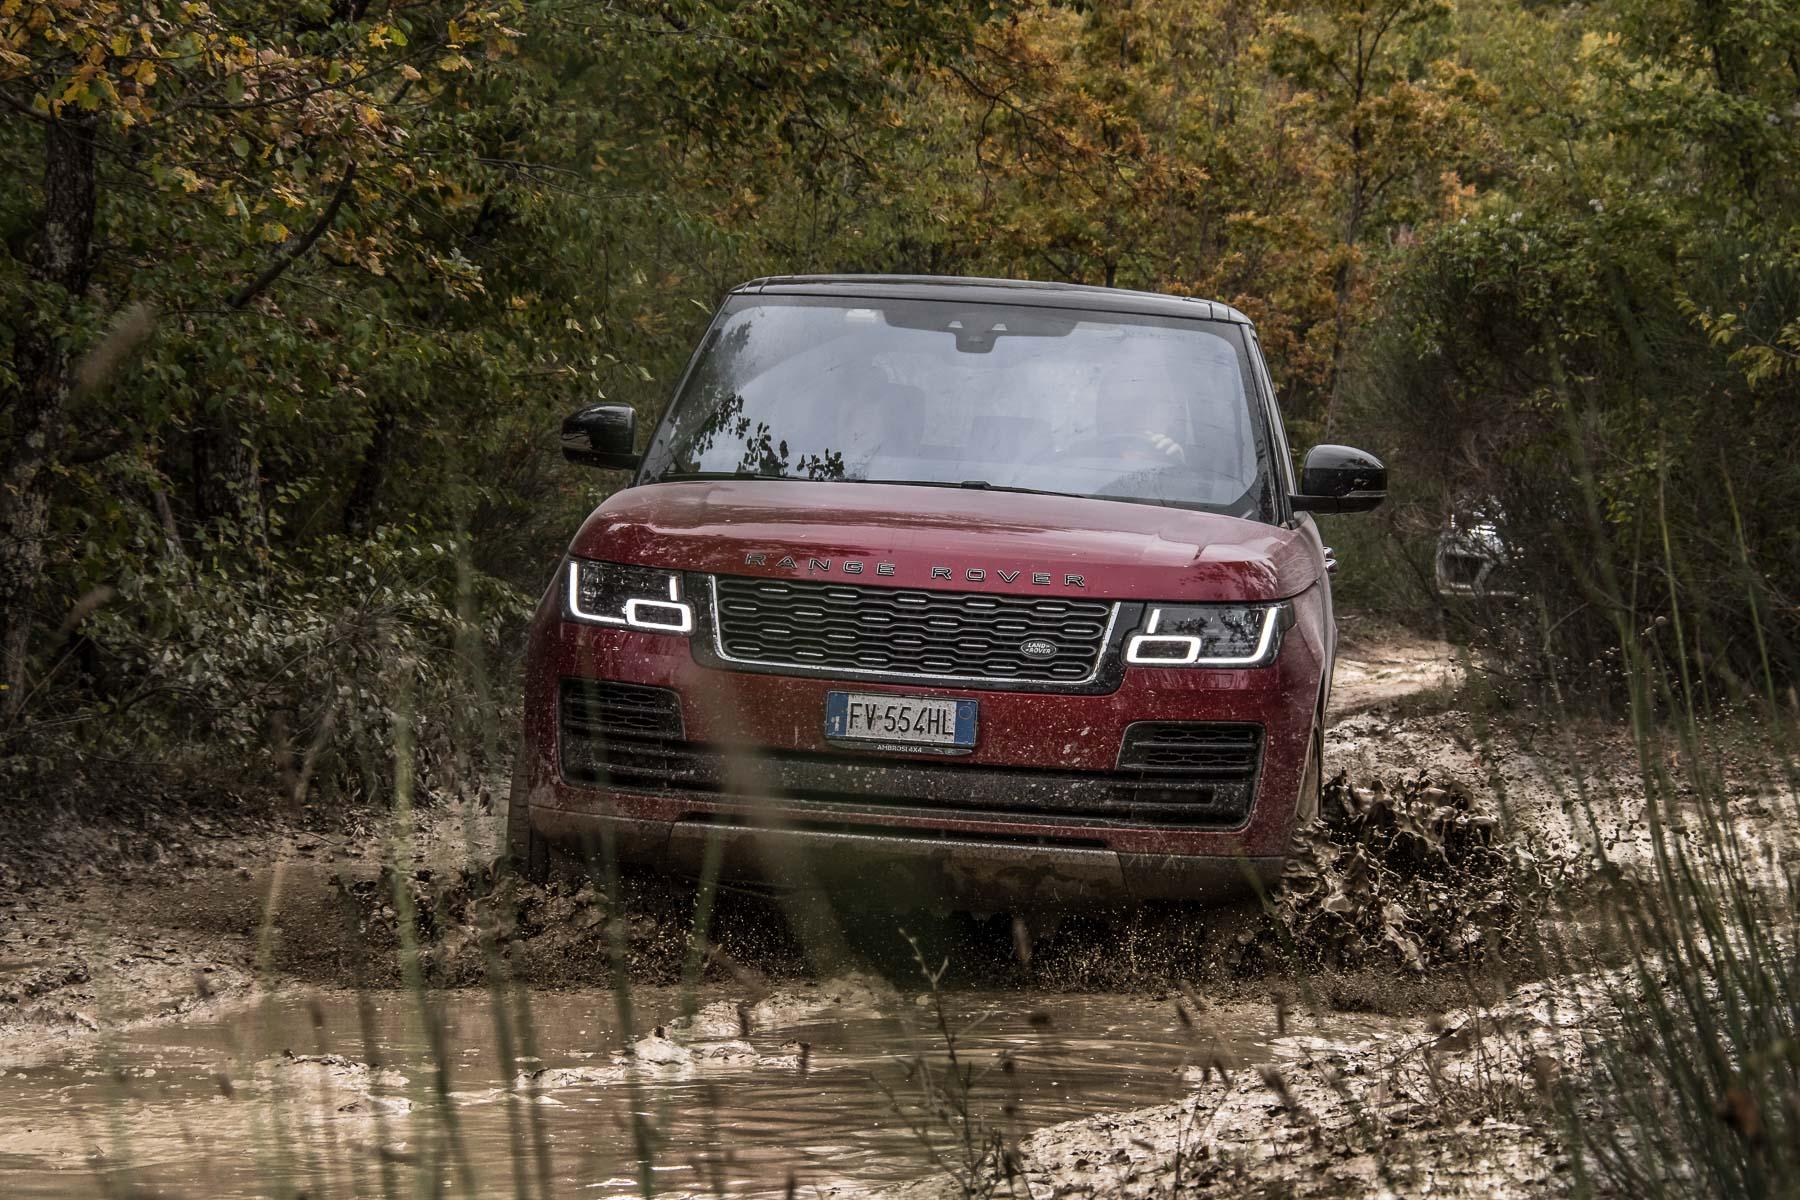 Land-Rover-Experience-Italia-Registro-Italiano-Land-Rover-Tirreno-Adriatica-2020-238